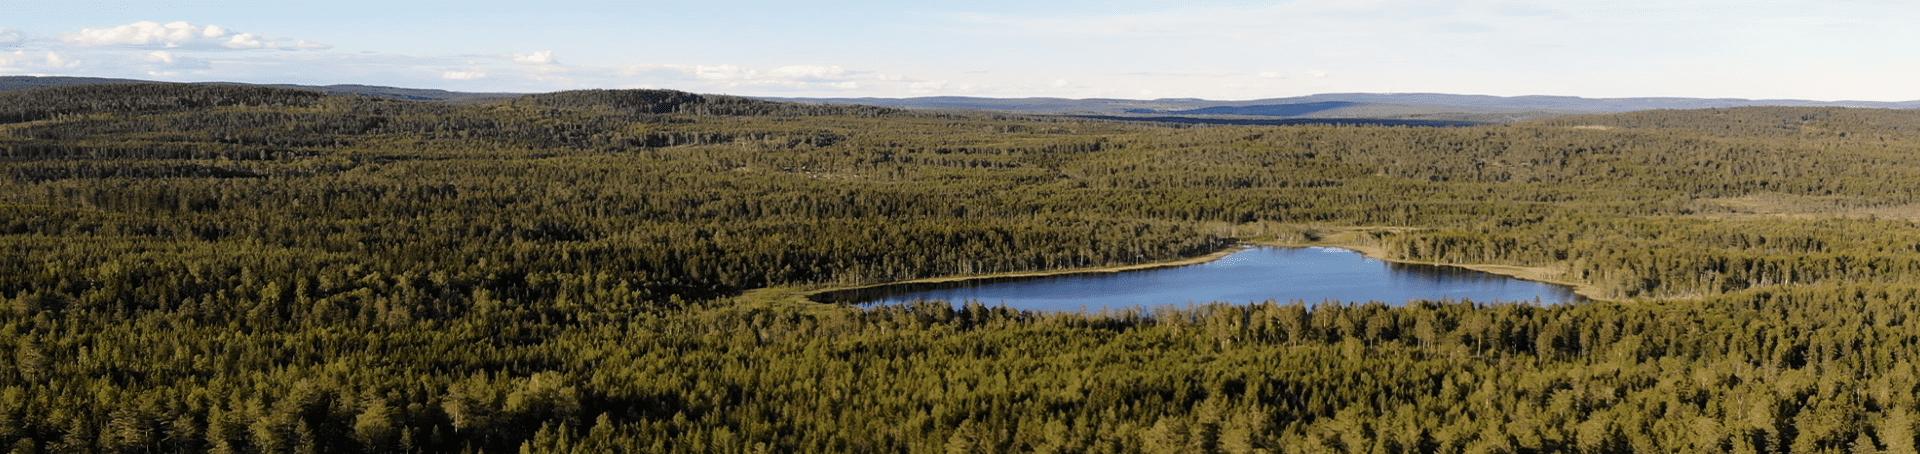 Eine Luftaufnahme von der Waldlandschaft in Schweden